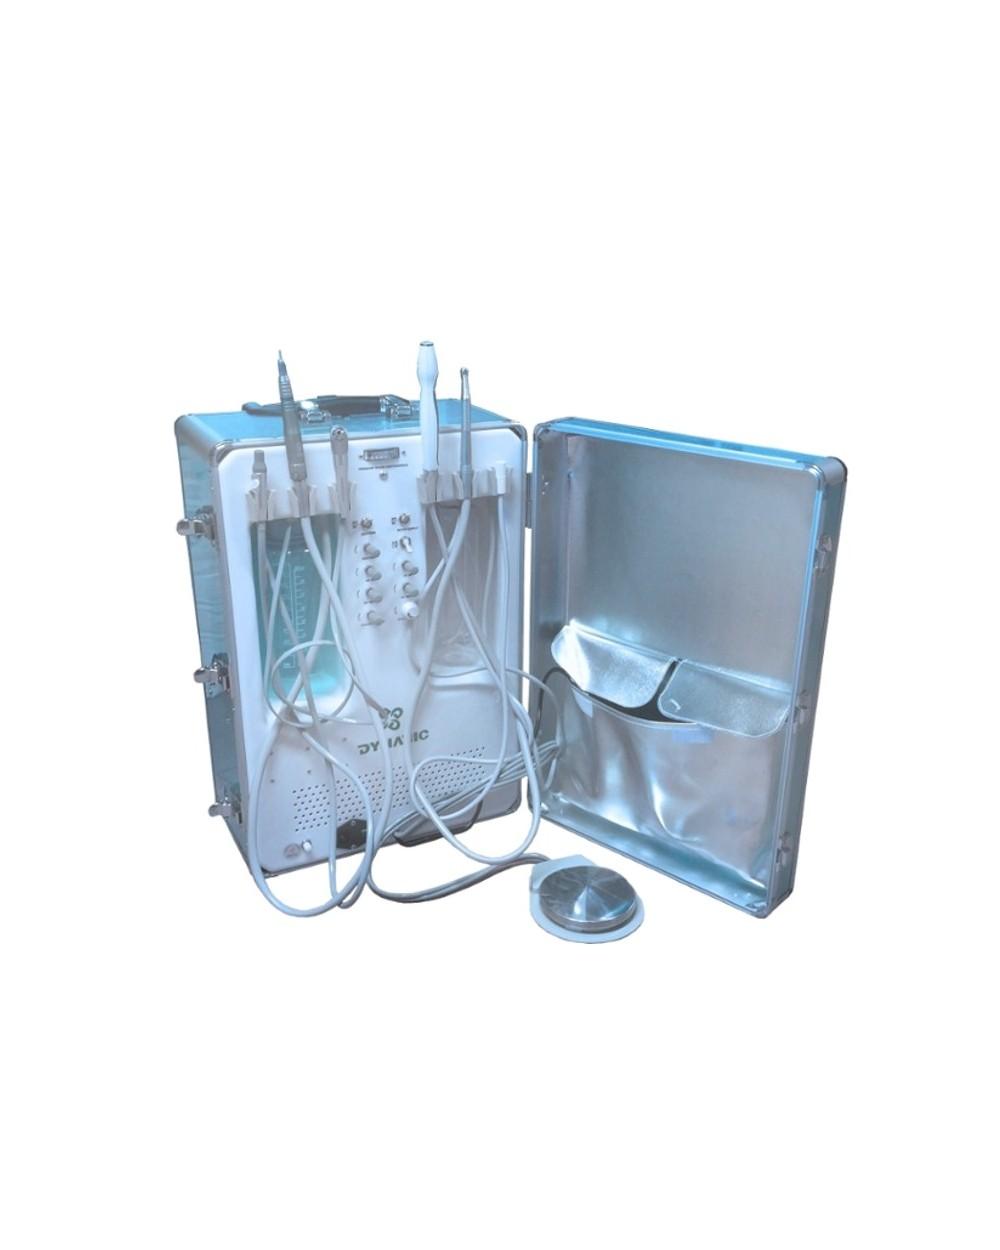 Mobile Zahnbehandlungseinheit